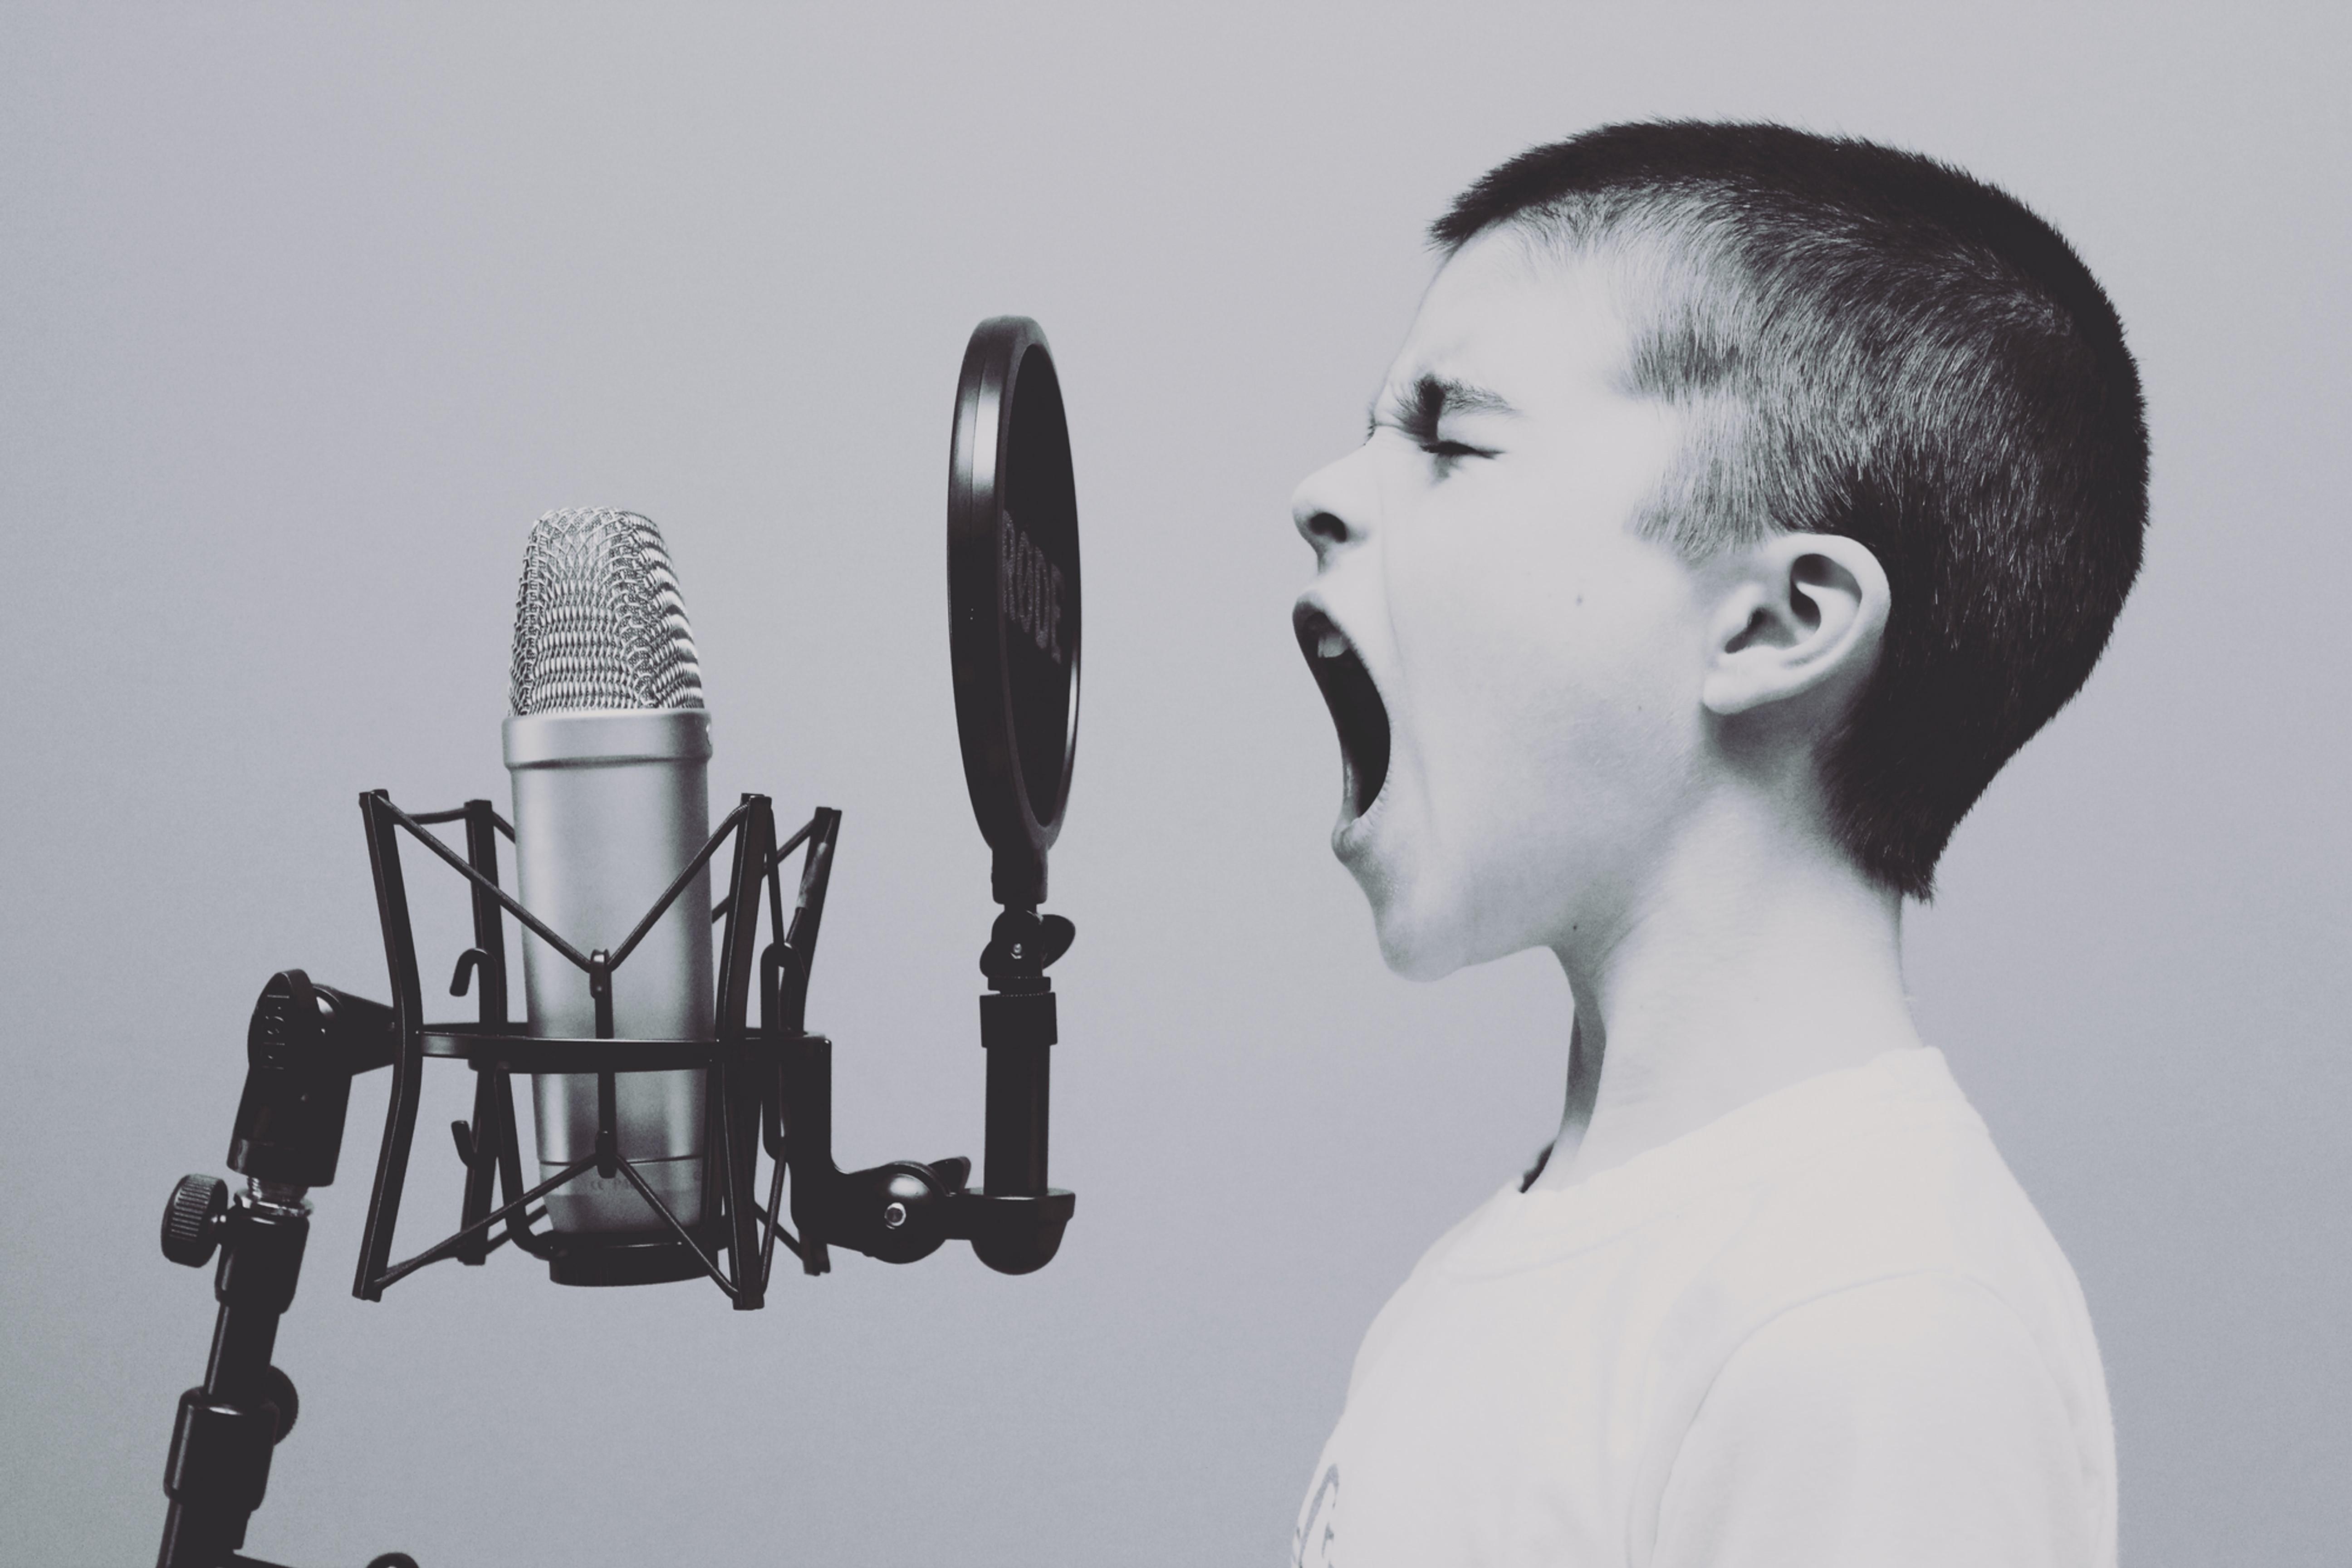 Find Your Creative Voice Workshop